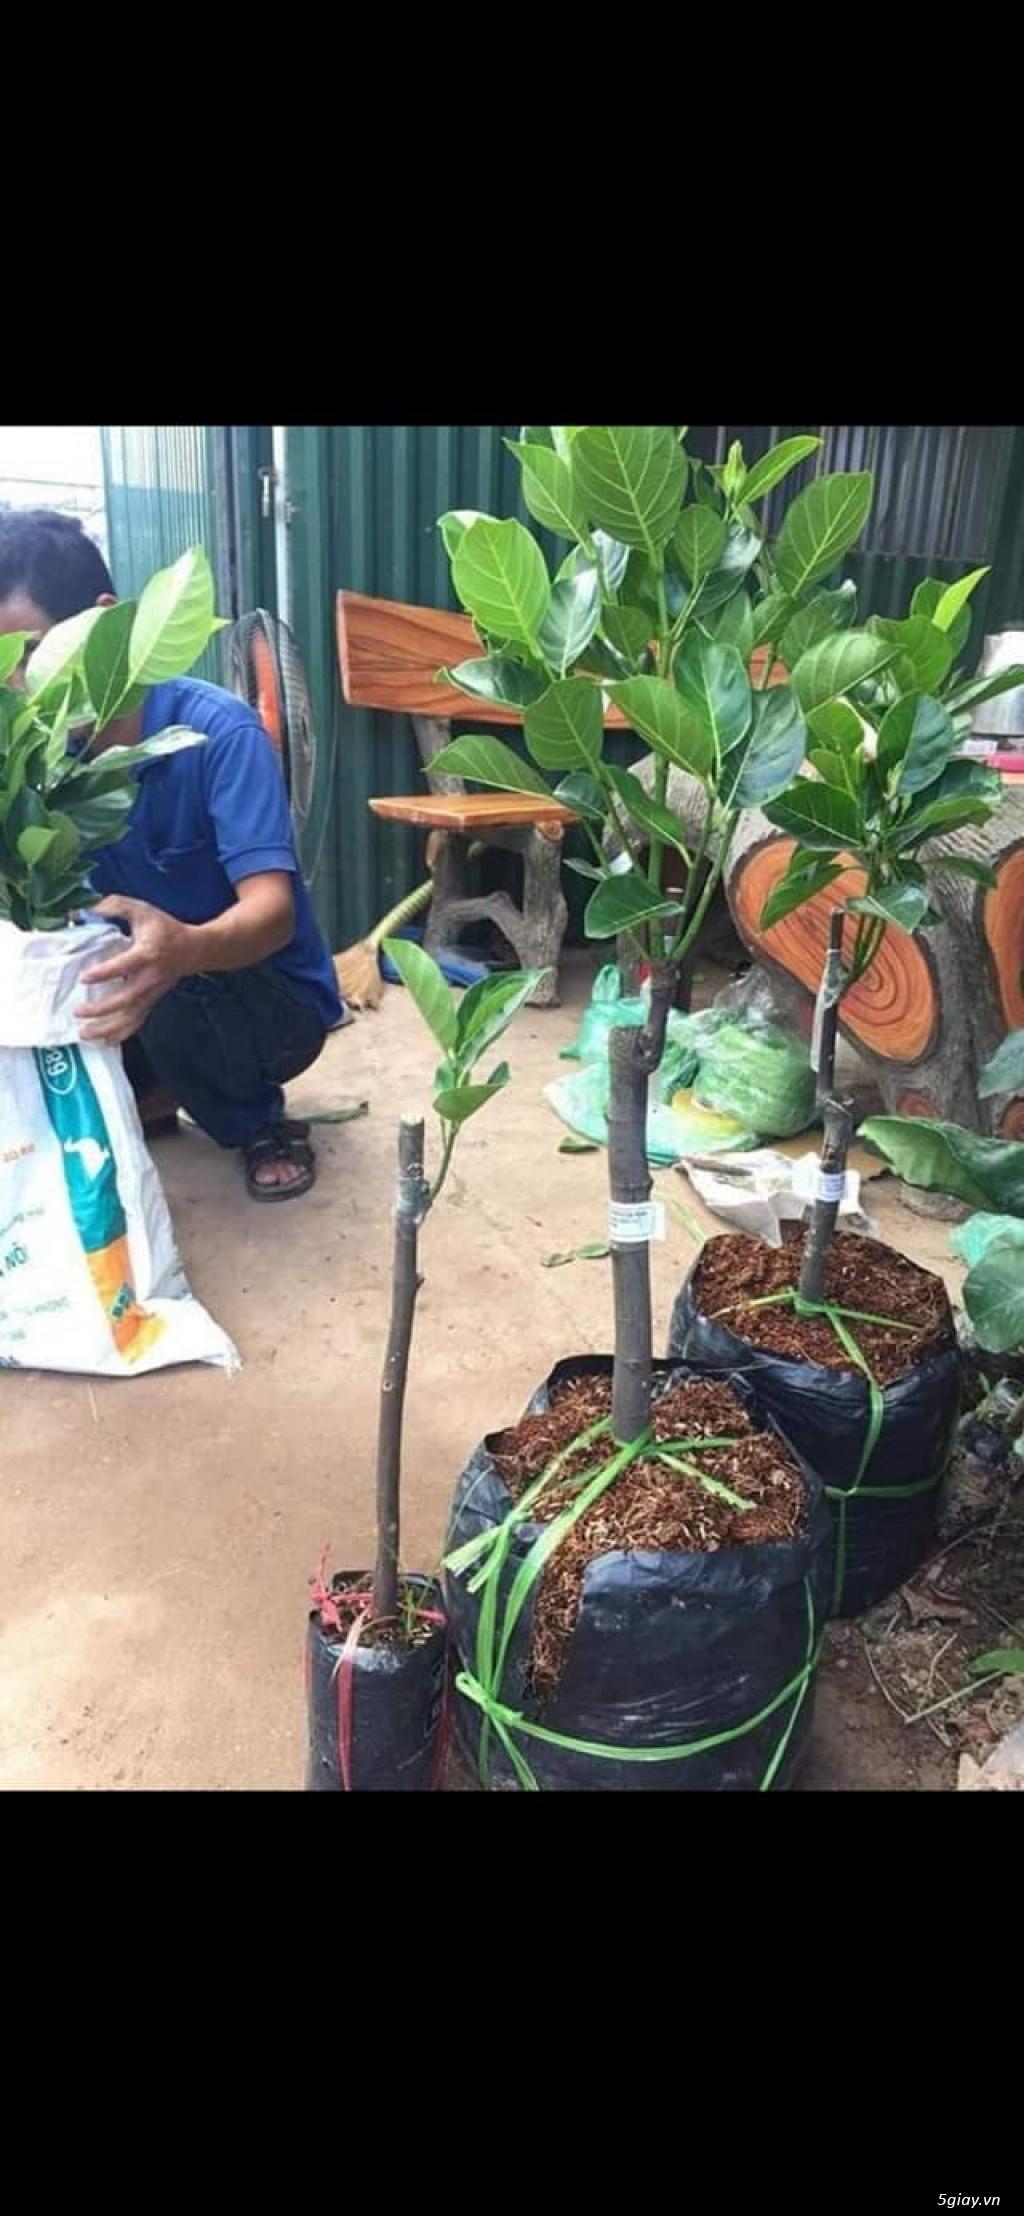 Mít trái dài Malaysia trái dài 1 mét nặng 50 kg - 6